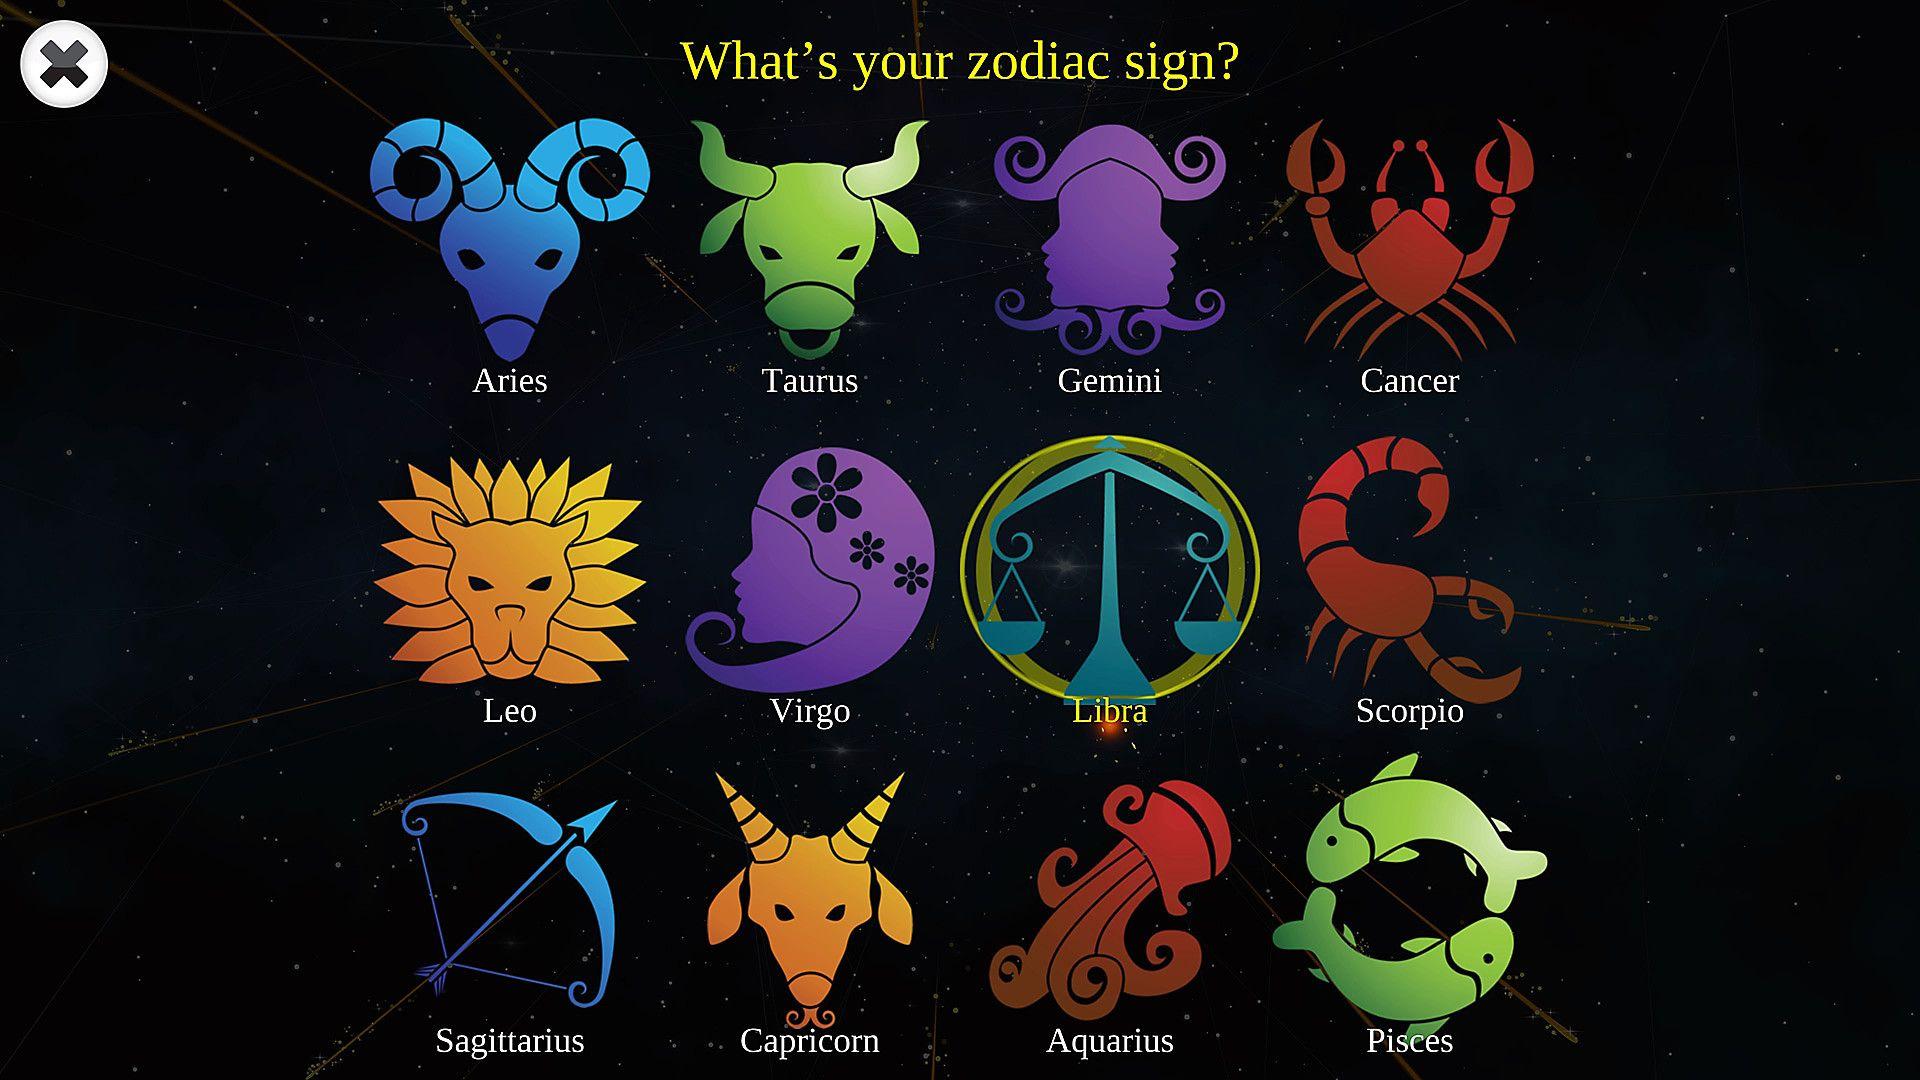 اعرف برج زوجتك والنساء بشكل عام لتتعرف على صفات الانثى Compatible Zodiac Signs Daily Horoscope Android Apps Free